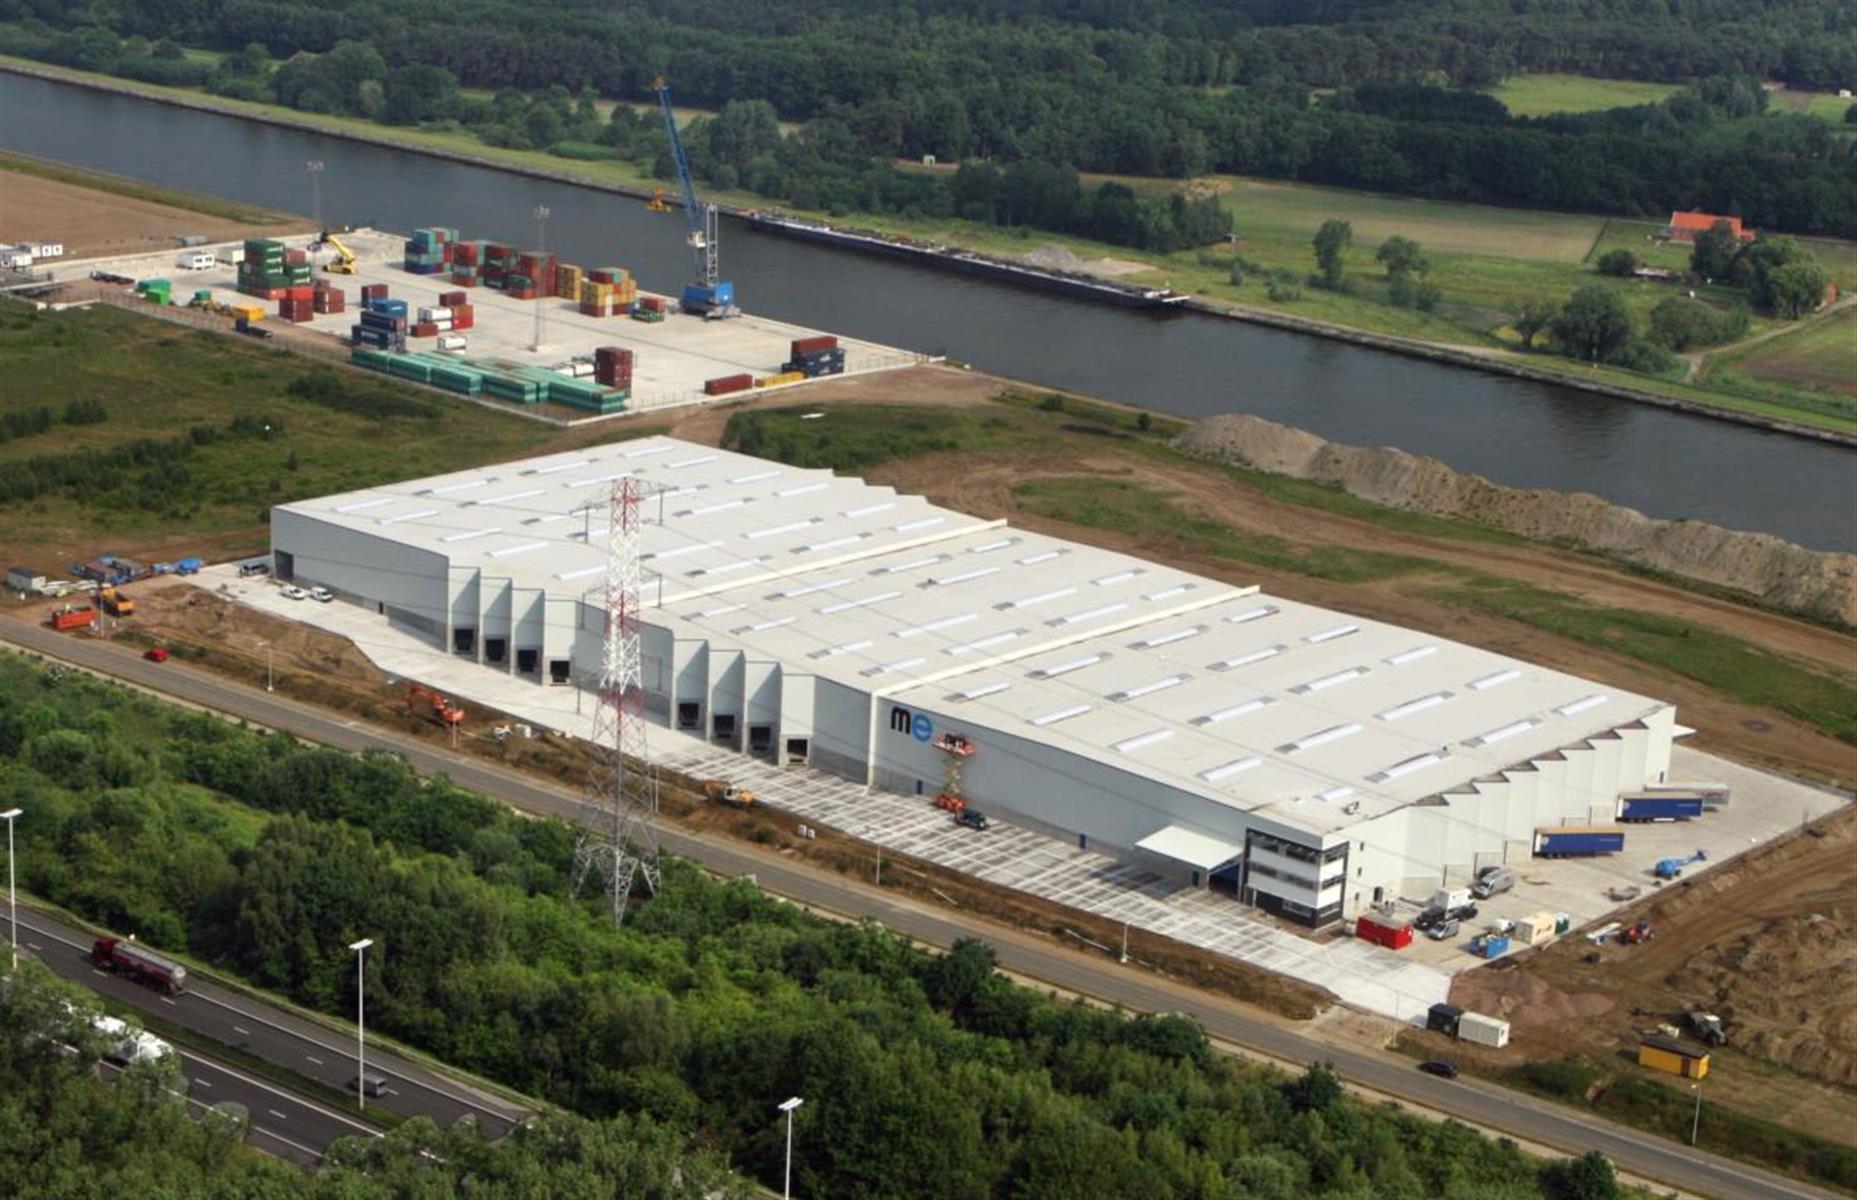 opslagplaats te huur UNIT 8B - Industrieweg 34, 2280 Grobbendonk, België 7